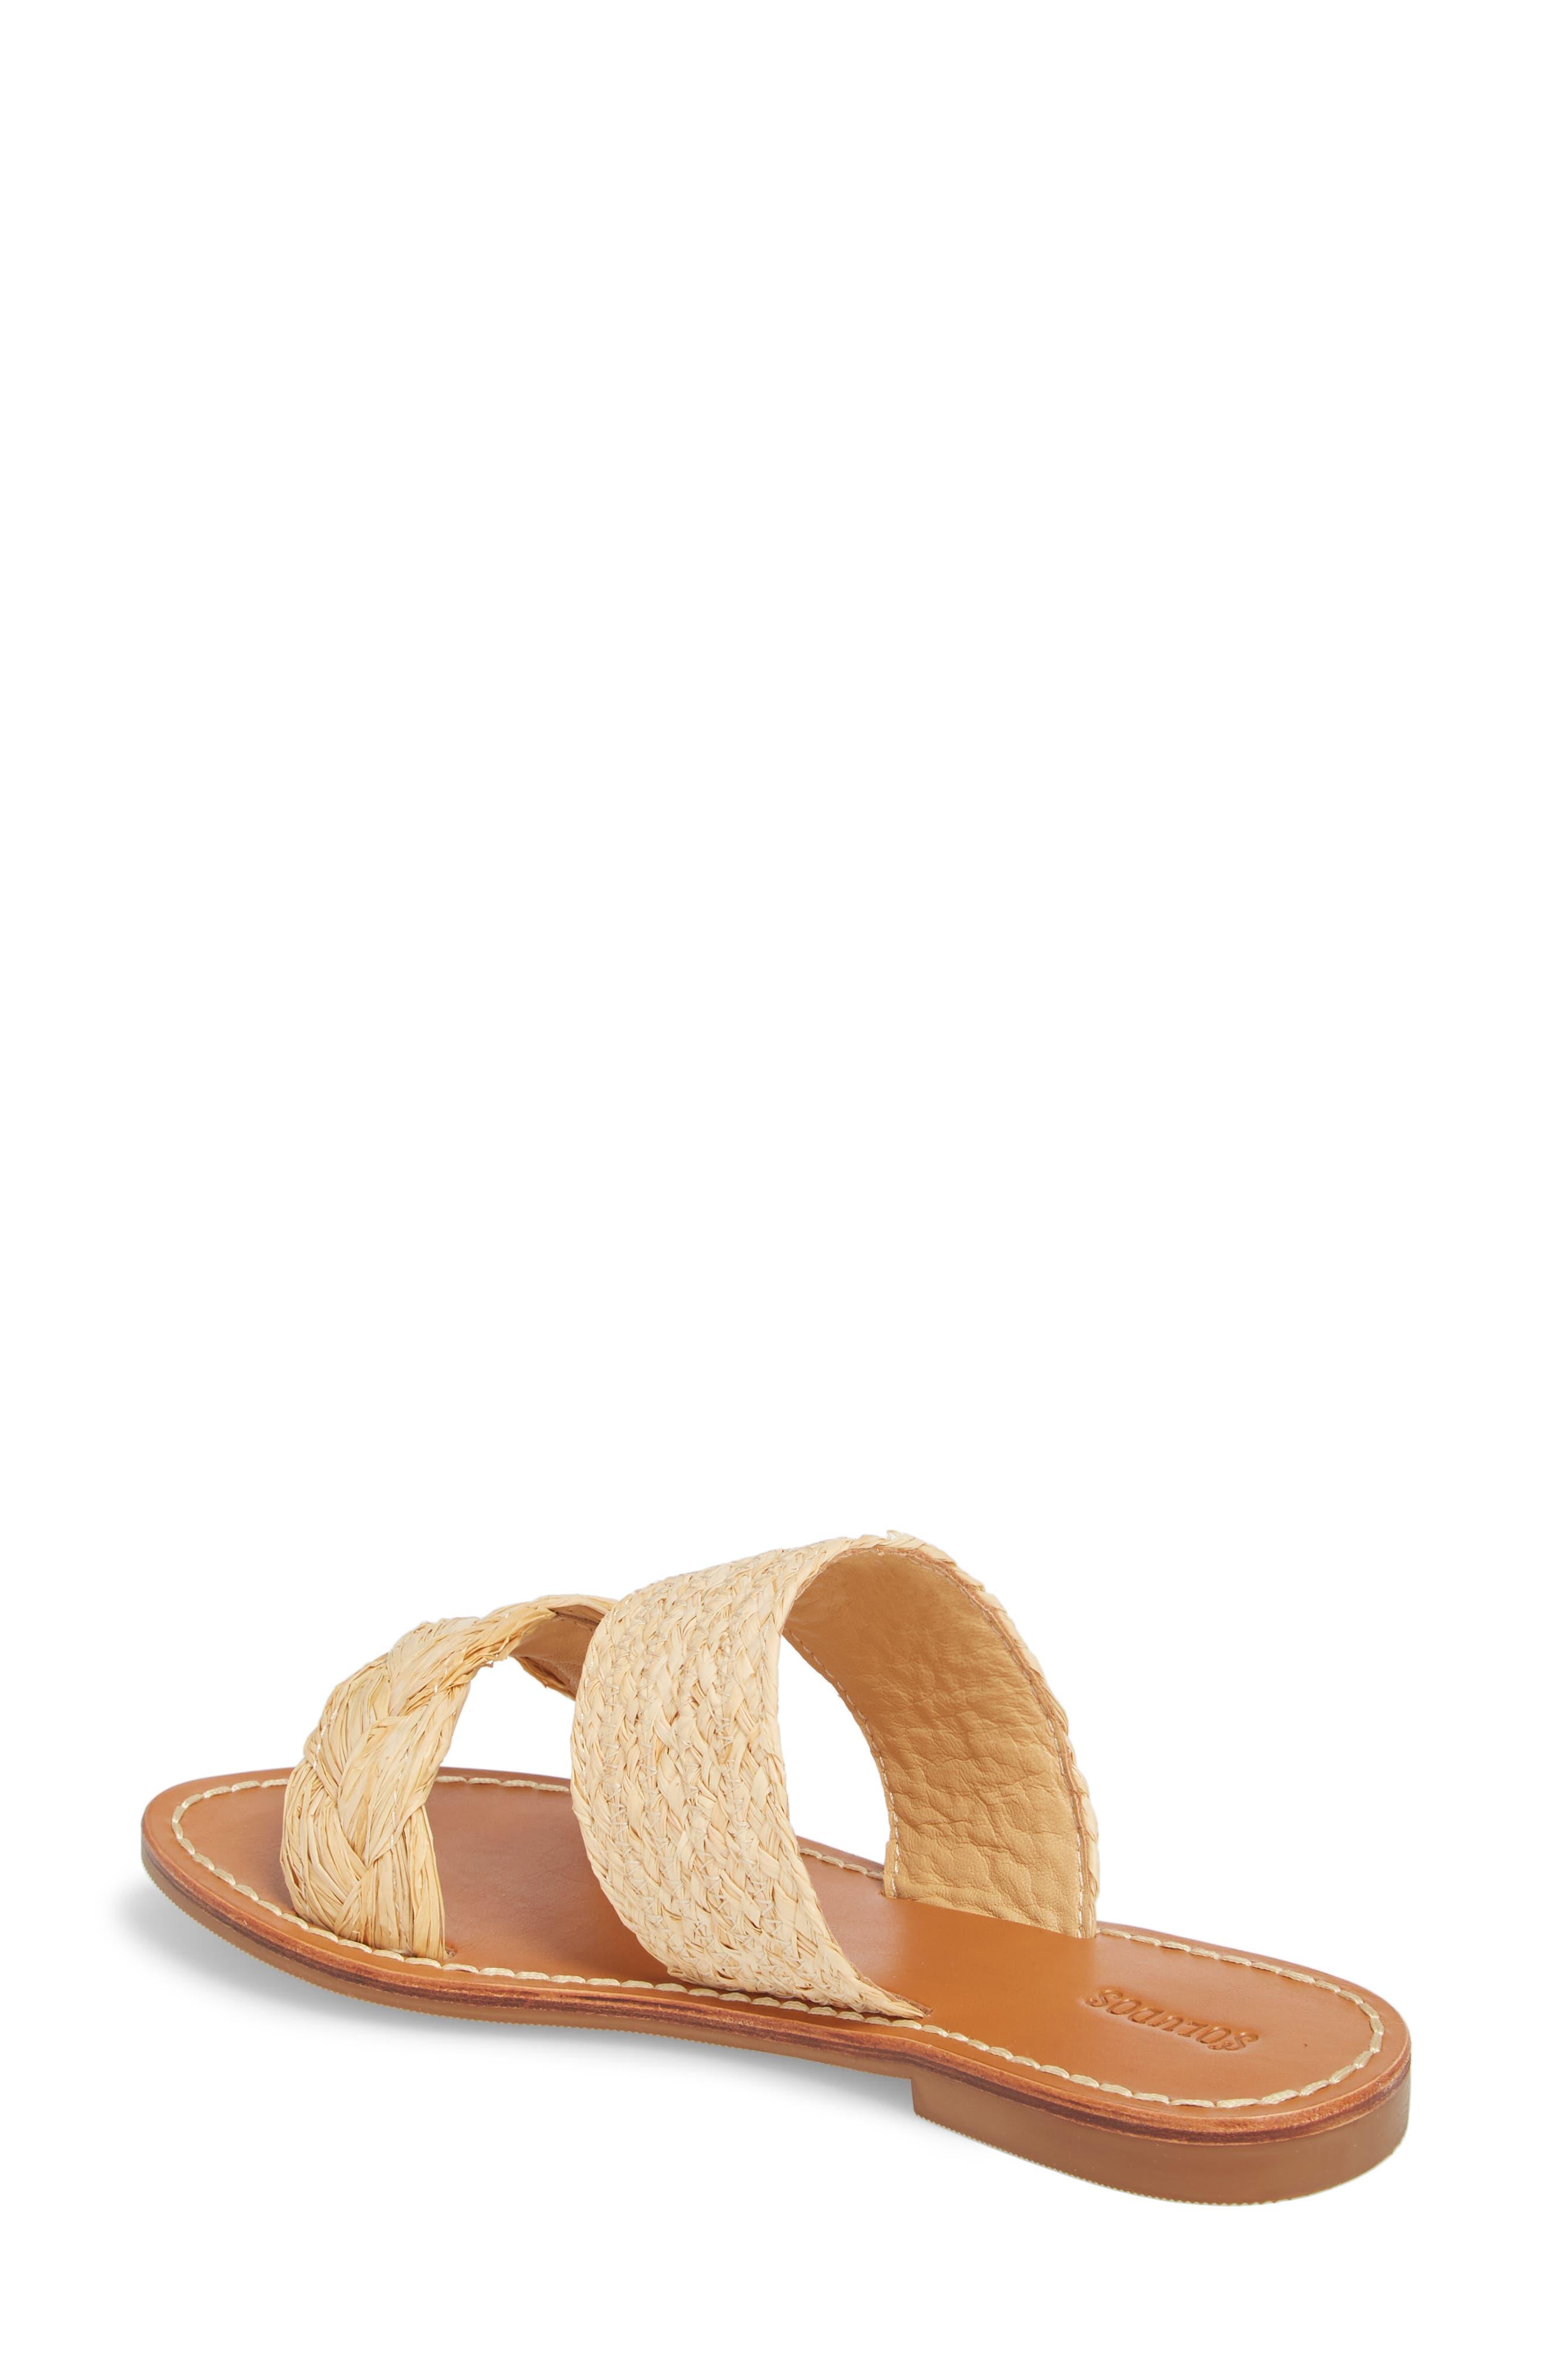 Braided Slide Sandal,                             Alternate thumbnail 2, color,                             250